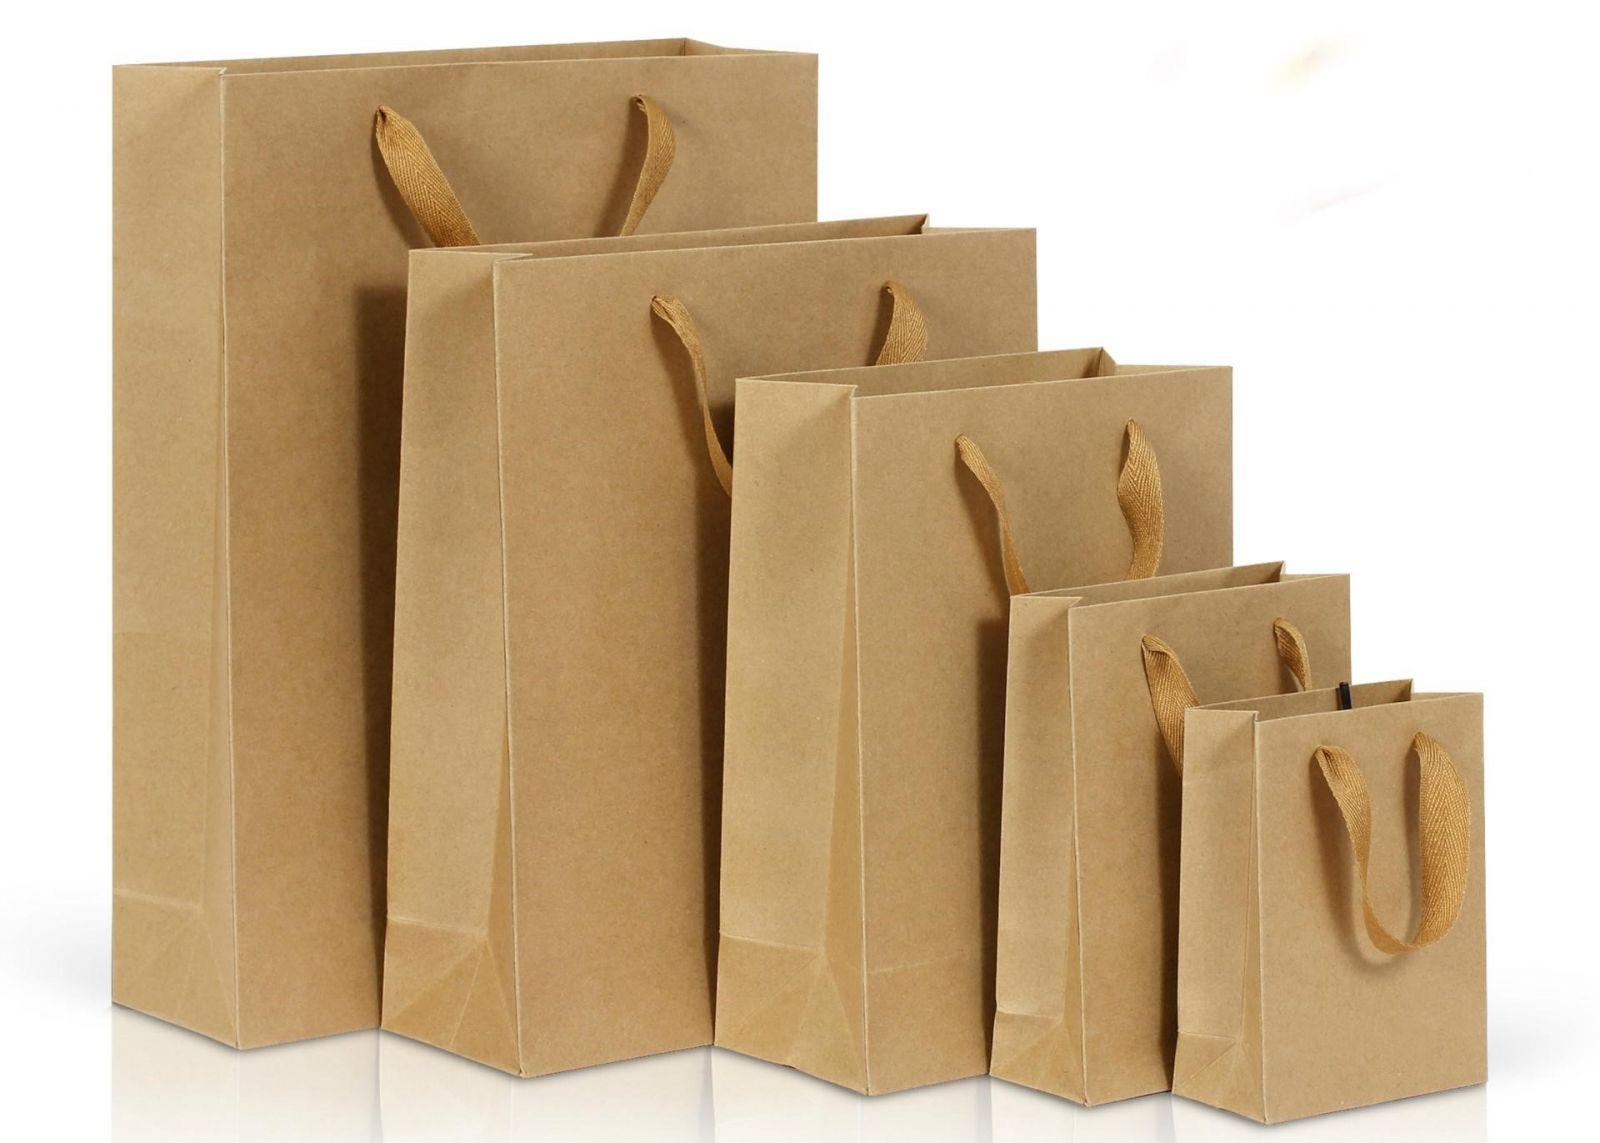 In túi giấy tại Hà Nội với chất lượng cao và giá thành cạnh tranh